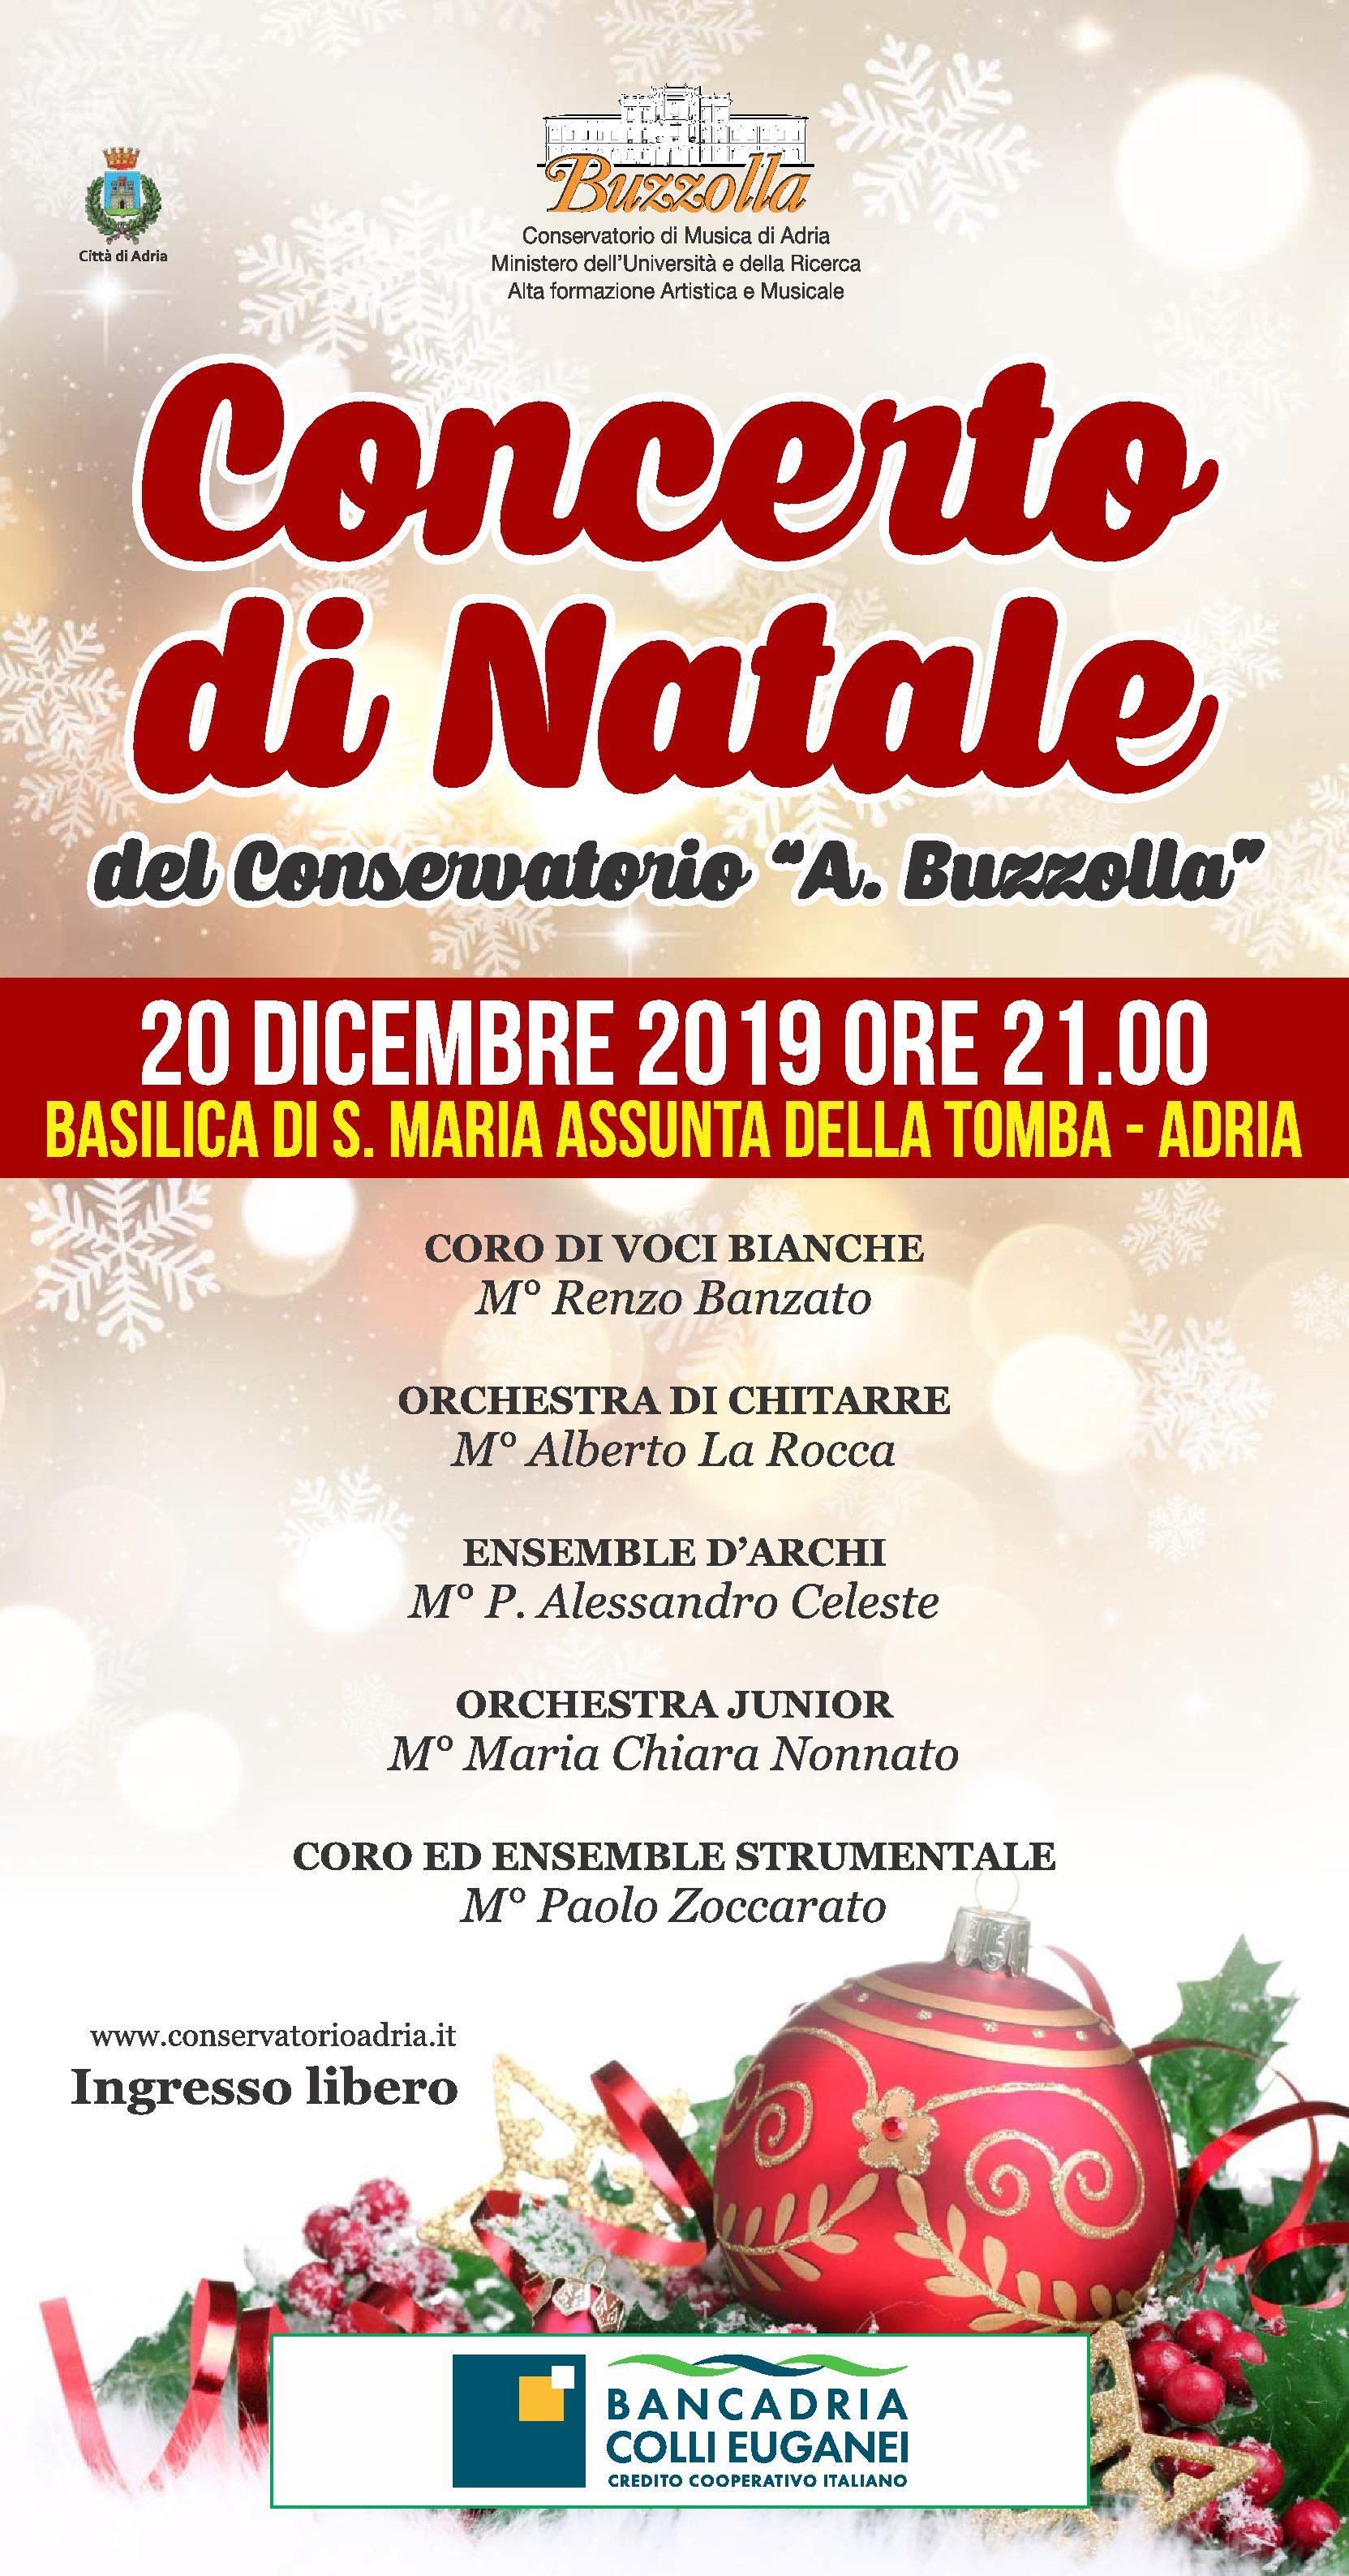 20 dicembre 2019 ore 21.00 – Concerto di Natale